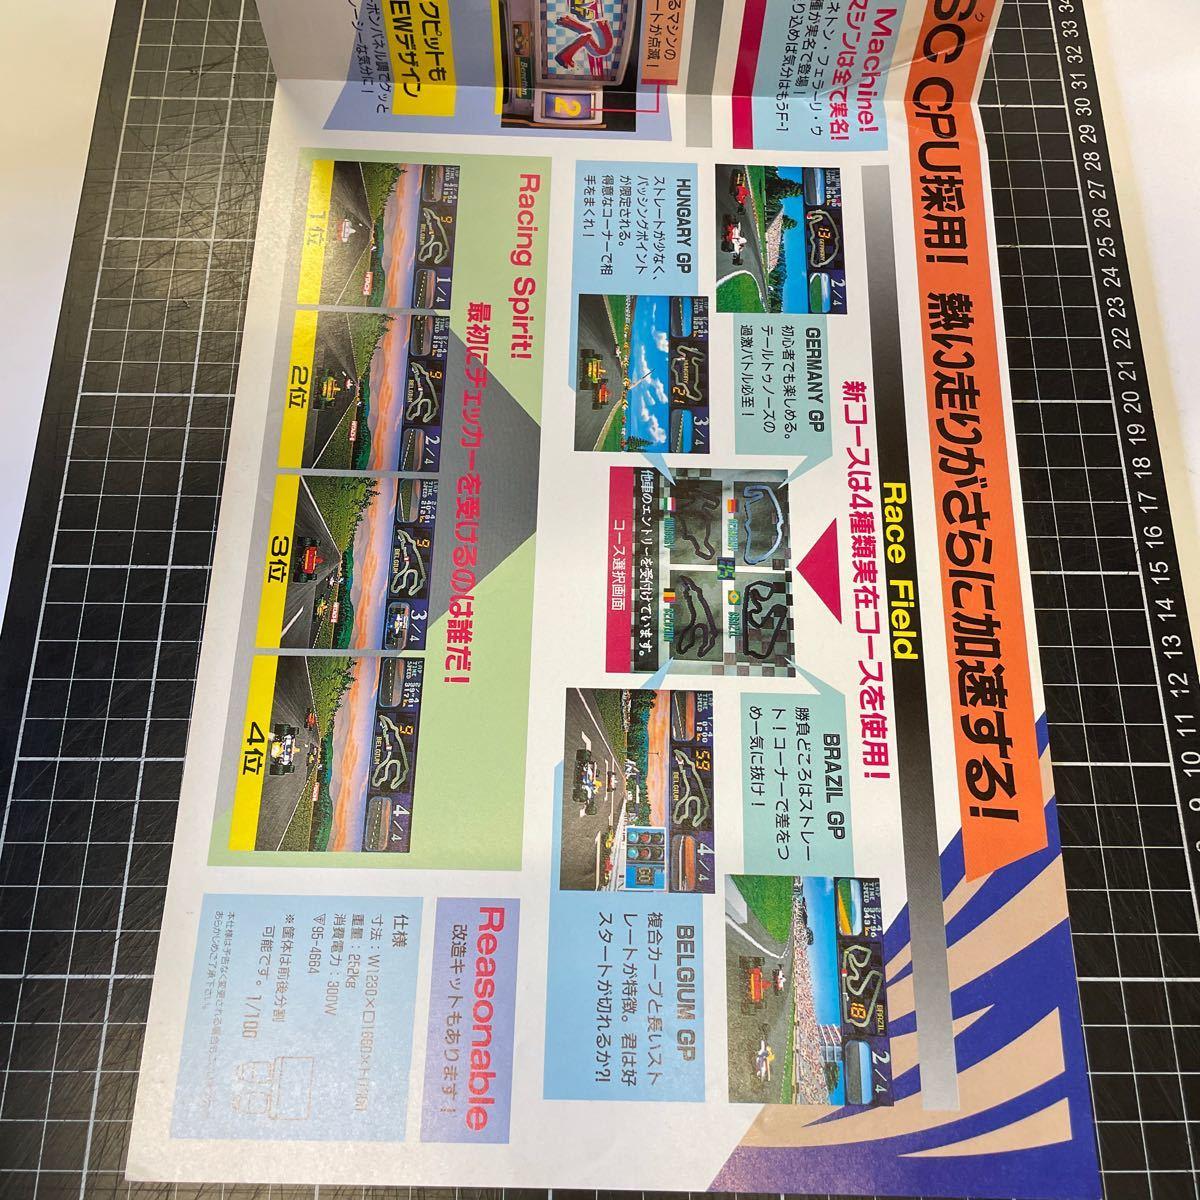 No.908 アーケードゲーム namco 1994年 通信機能搭載レーシングゲーム FINALL LAP R 業務用 非売品 カタログ ナムコ ファイナルラップR_画像3